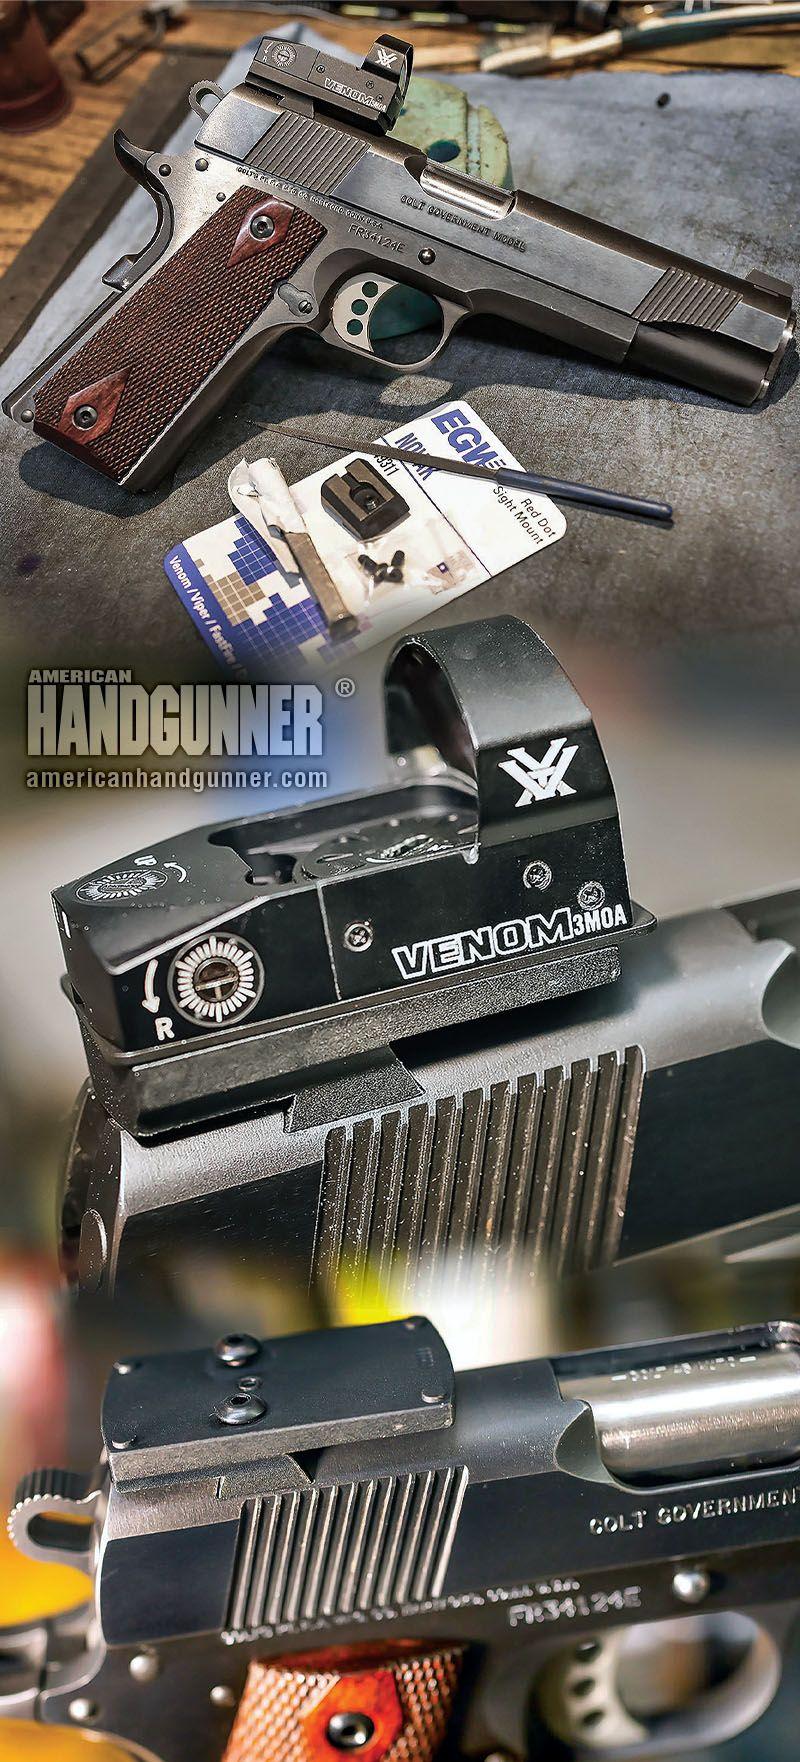 Diy Optic Gunsmithing In 2020 Gunsmithing Diy Optical